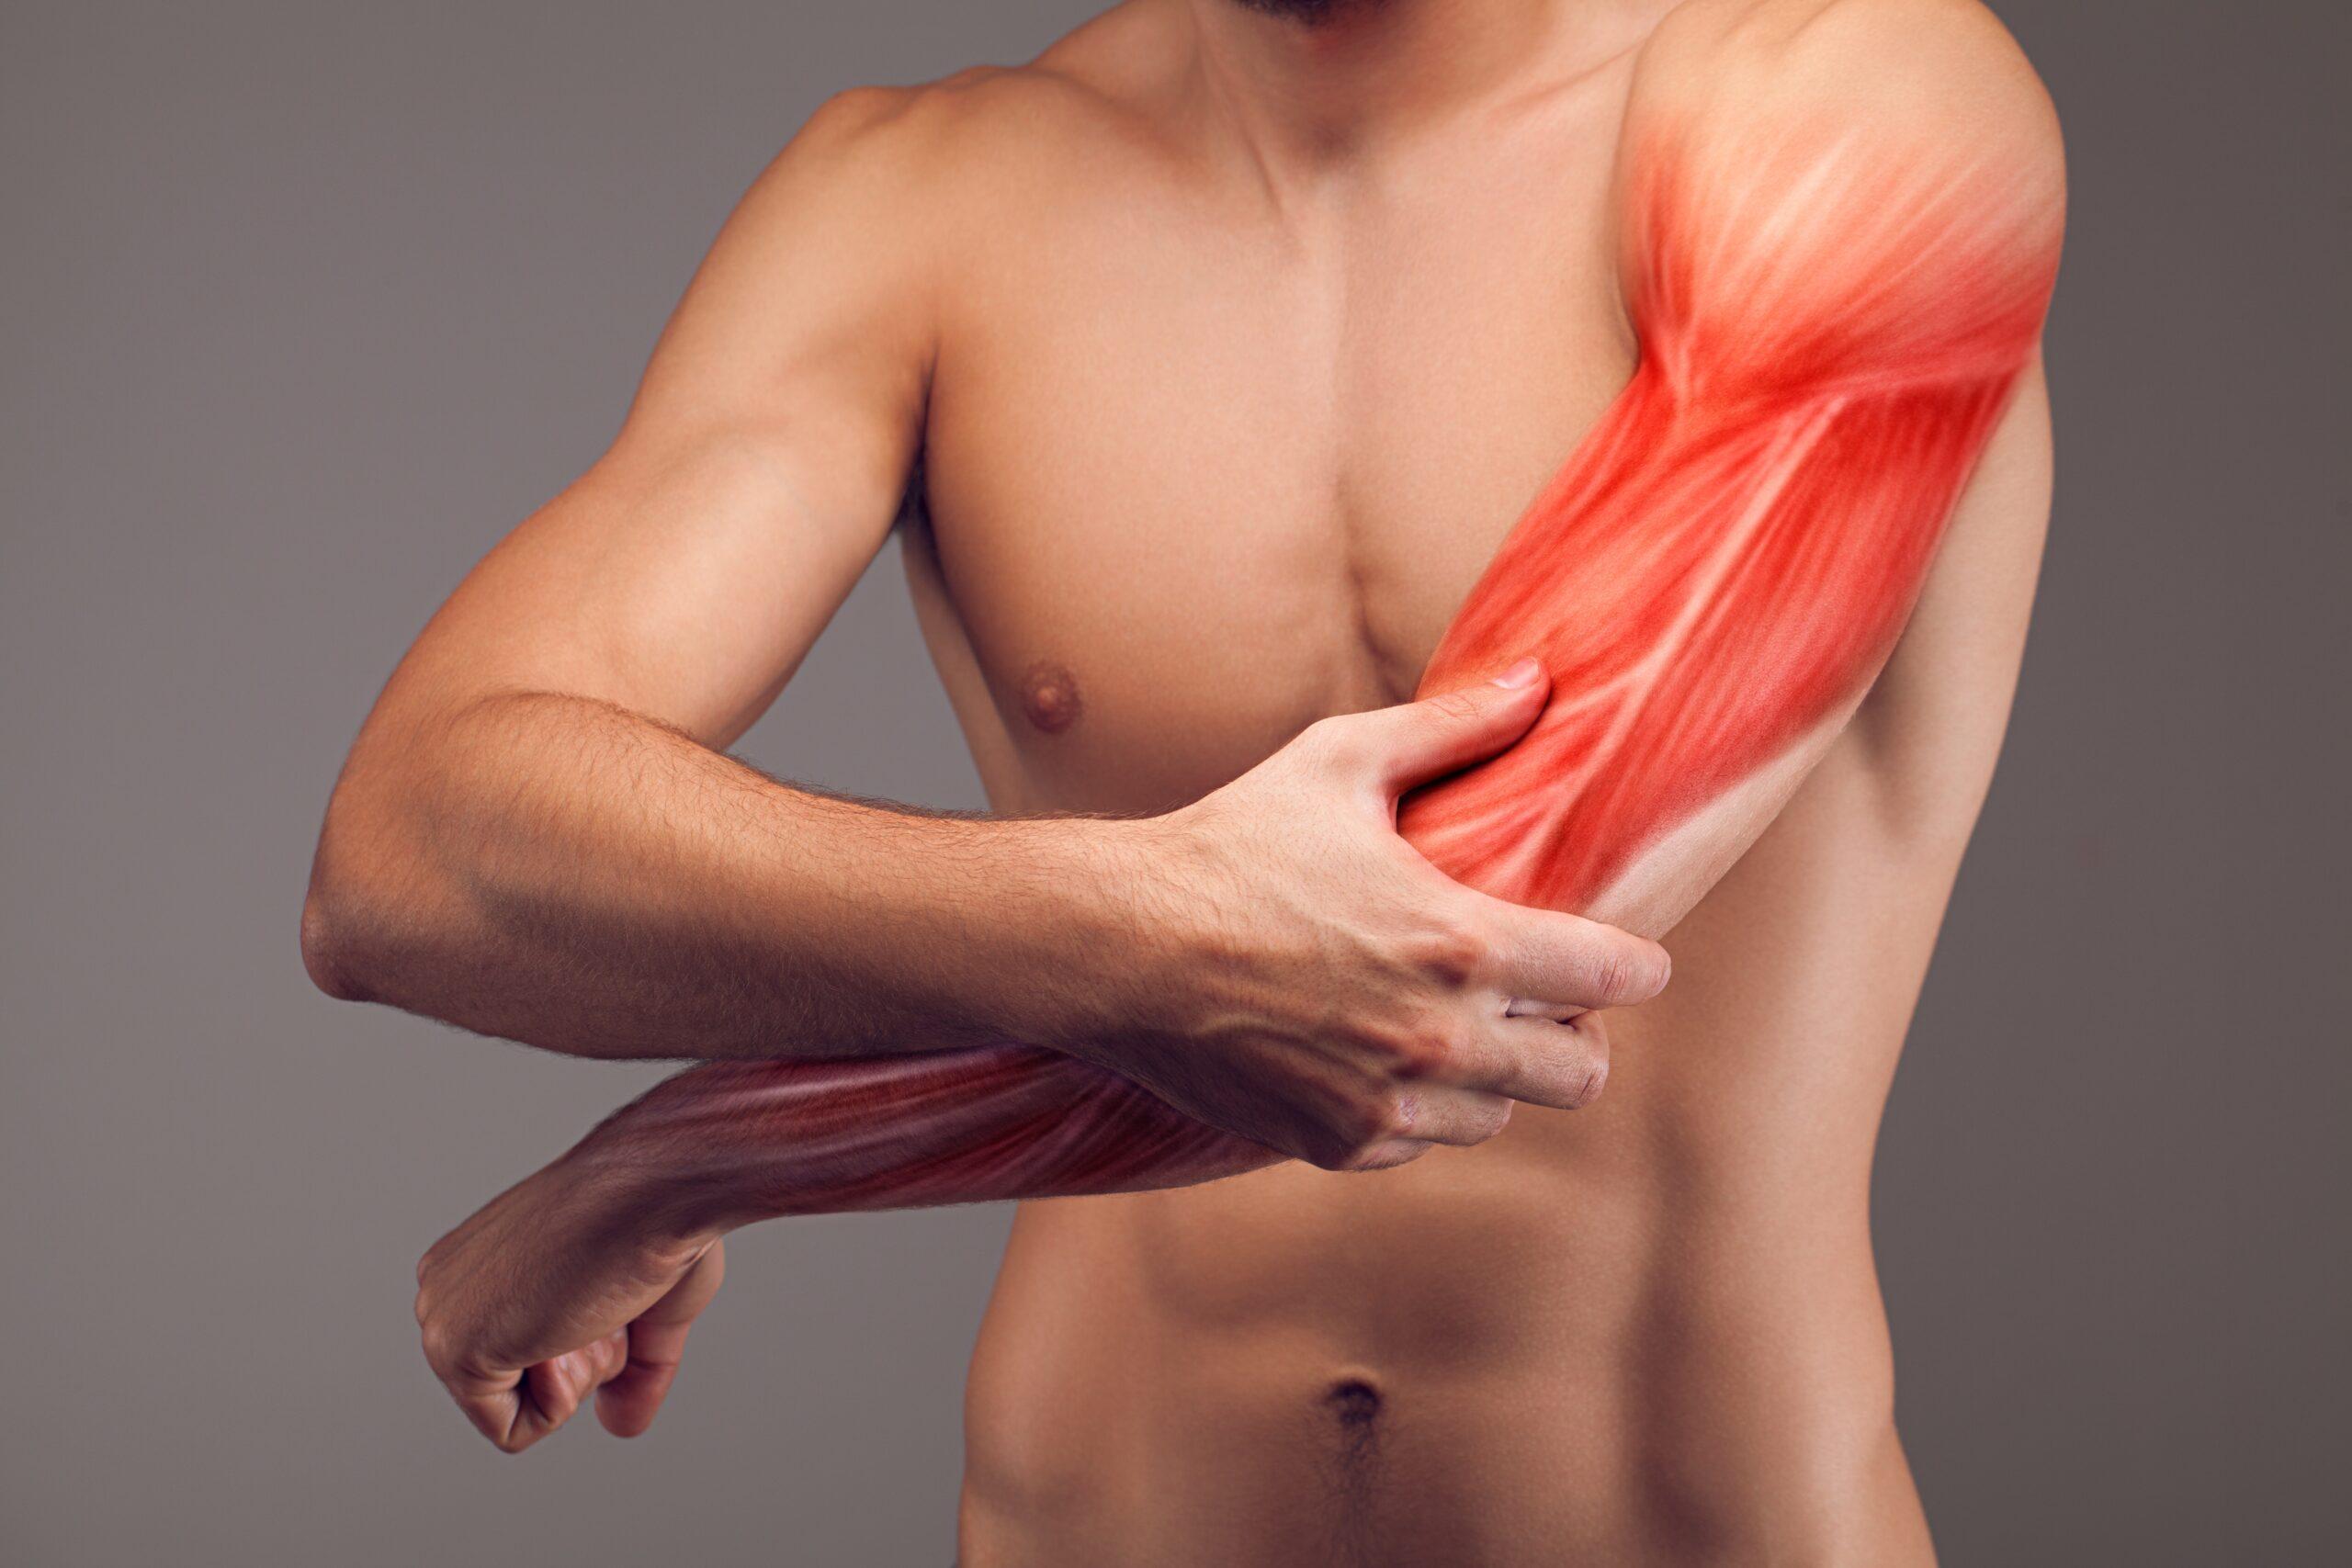 dolore muscolare dopo l'allenamento perchè